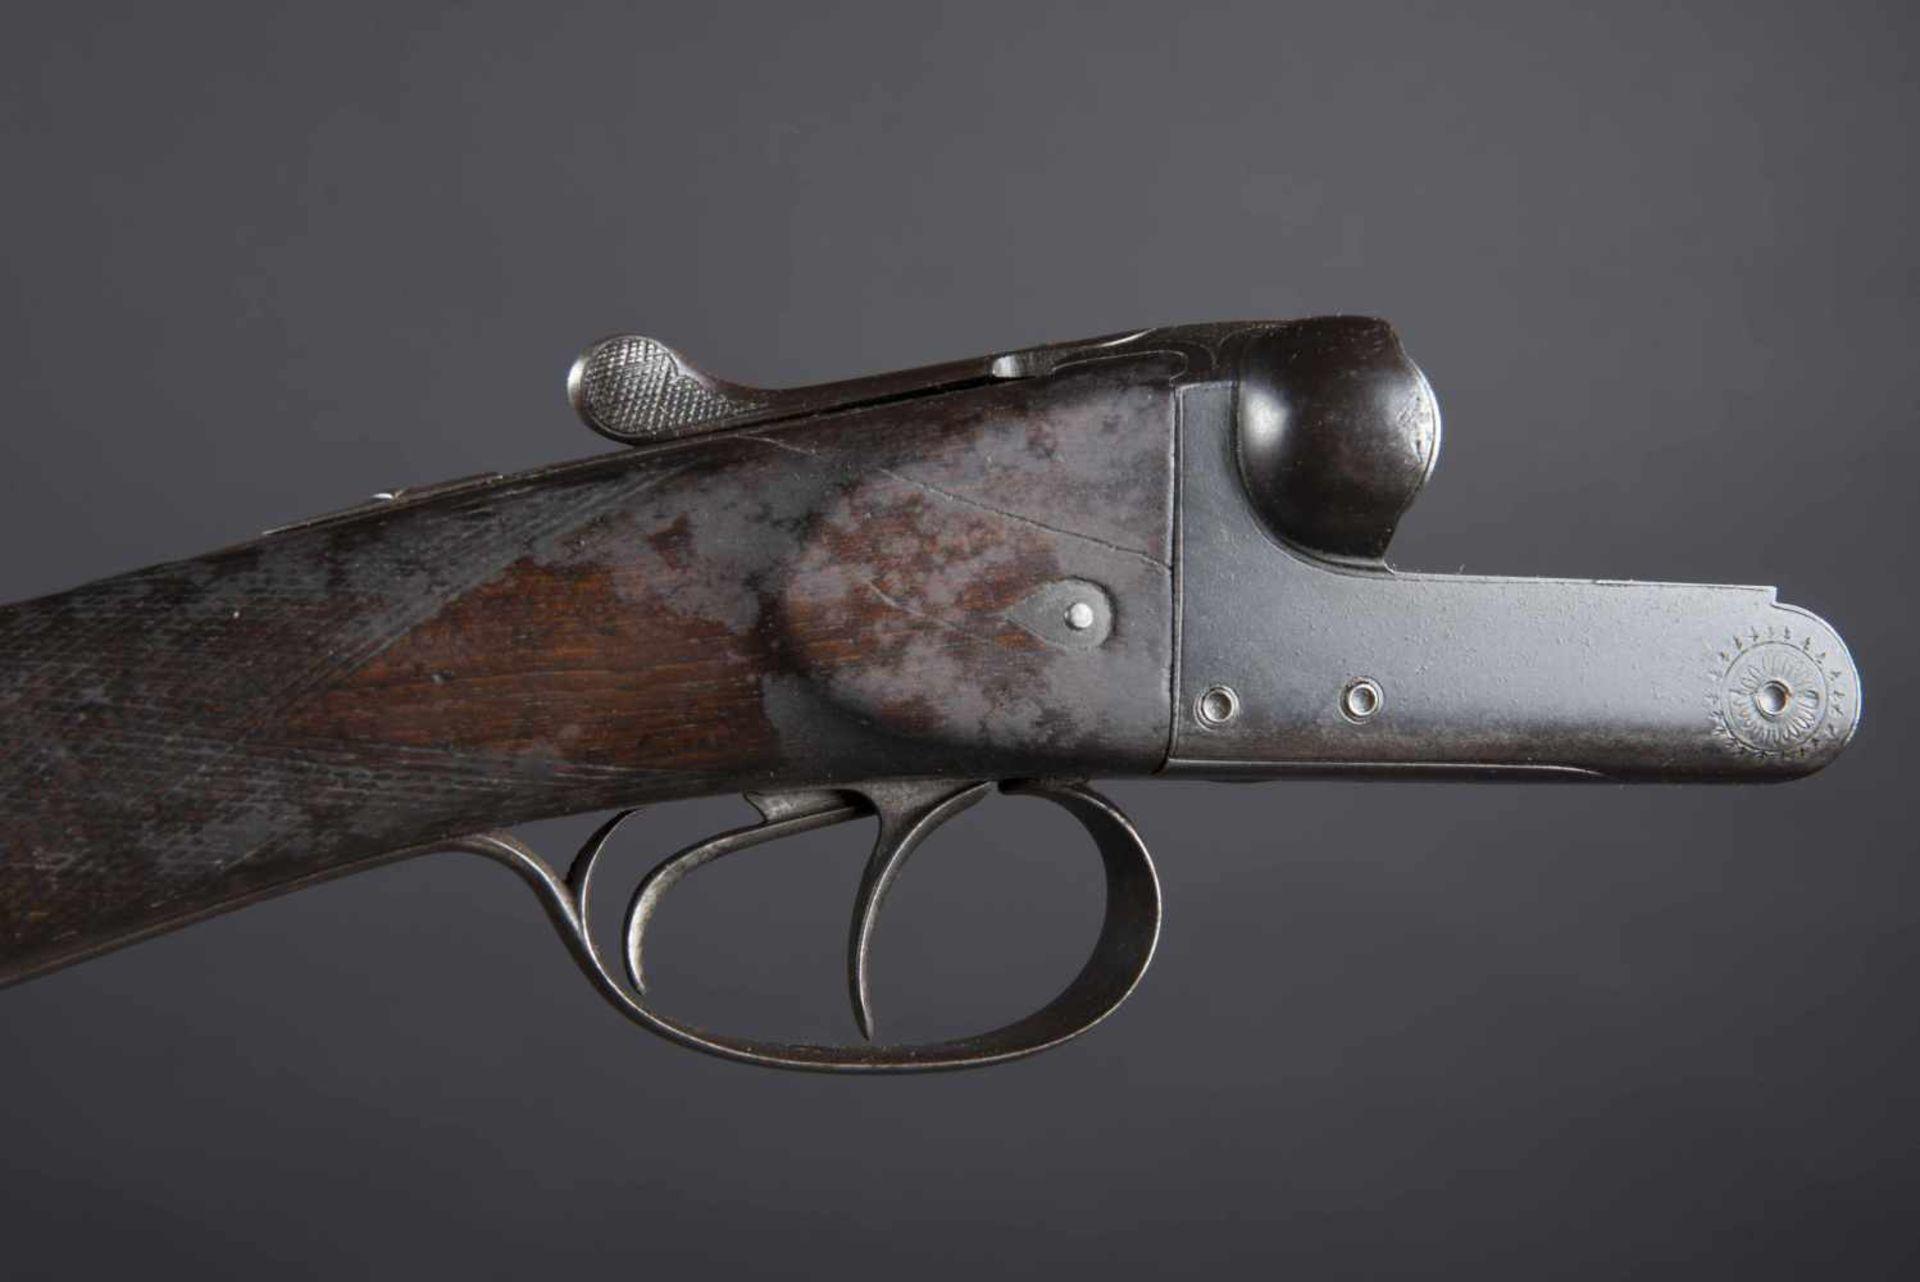 Fusil de chasse juxtaposé Catégorie C Calibre 12/65, numéro 43186. Complet, boite non du modèle de - Bild 2 aus 3